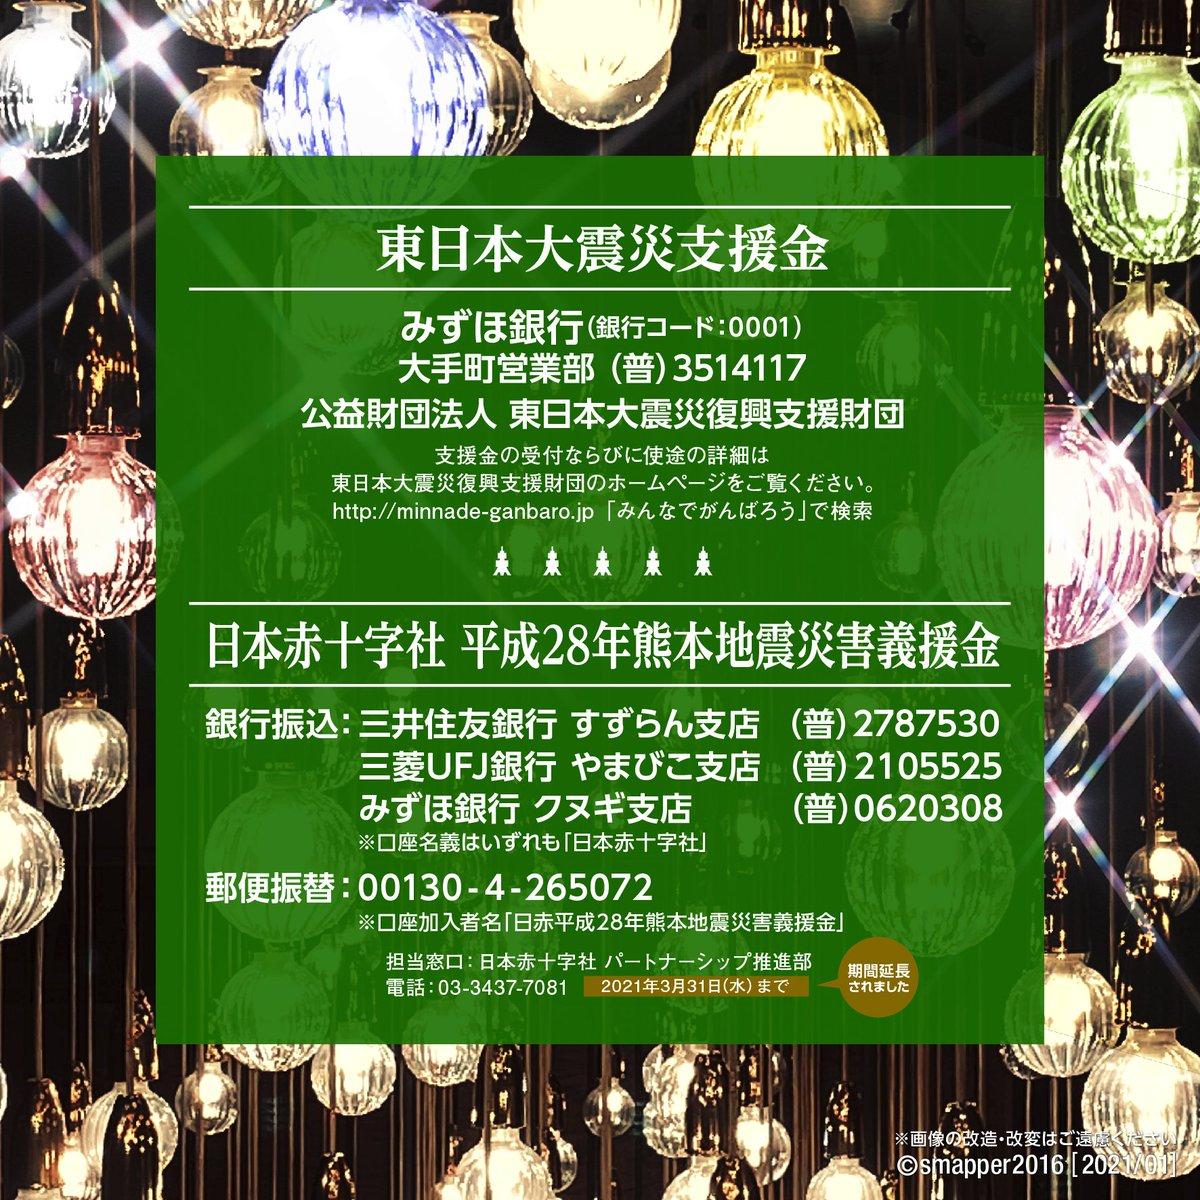 test ツイッターメディア - 熊本の鶴屋百貨店にて、1/19まで東北六県の物産と観光展開催中!私が買ったもの(その2)は、りんごバターと南部せんべい、米沢牛のお弁当♪ #復興に向けて手を繋ごう #SMAP #スマスマ https://t.co/NiwC7vGXRA